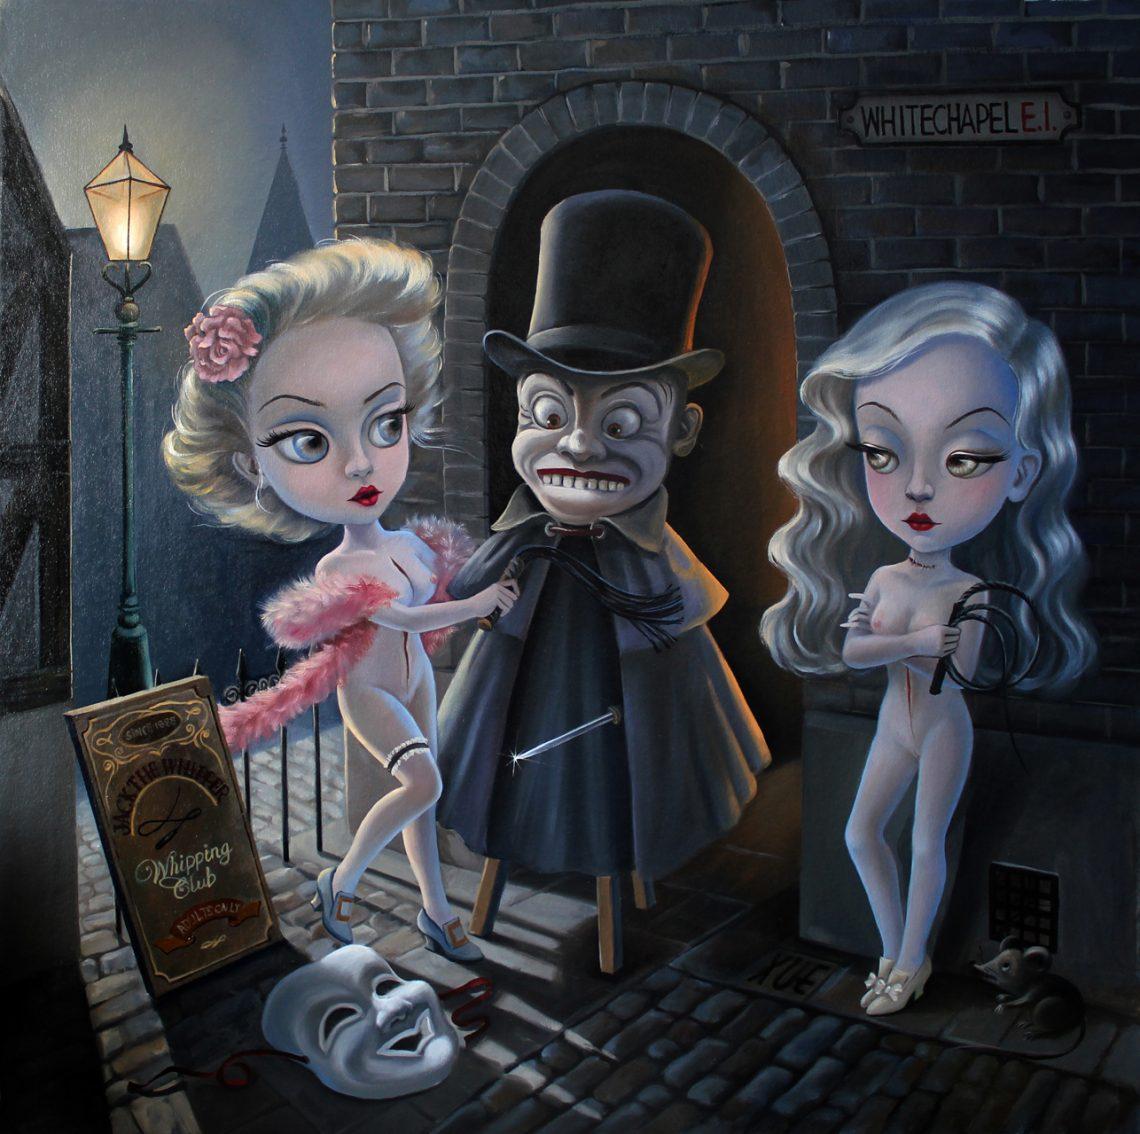 xue_wangs_haunted_house_beautifulbizarre_Jack The Whipper